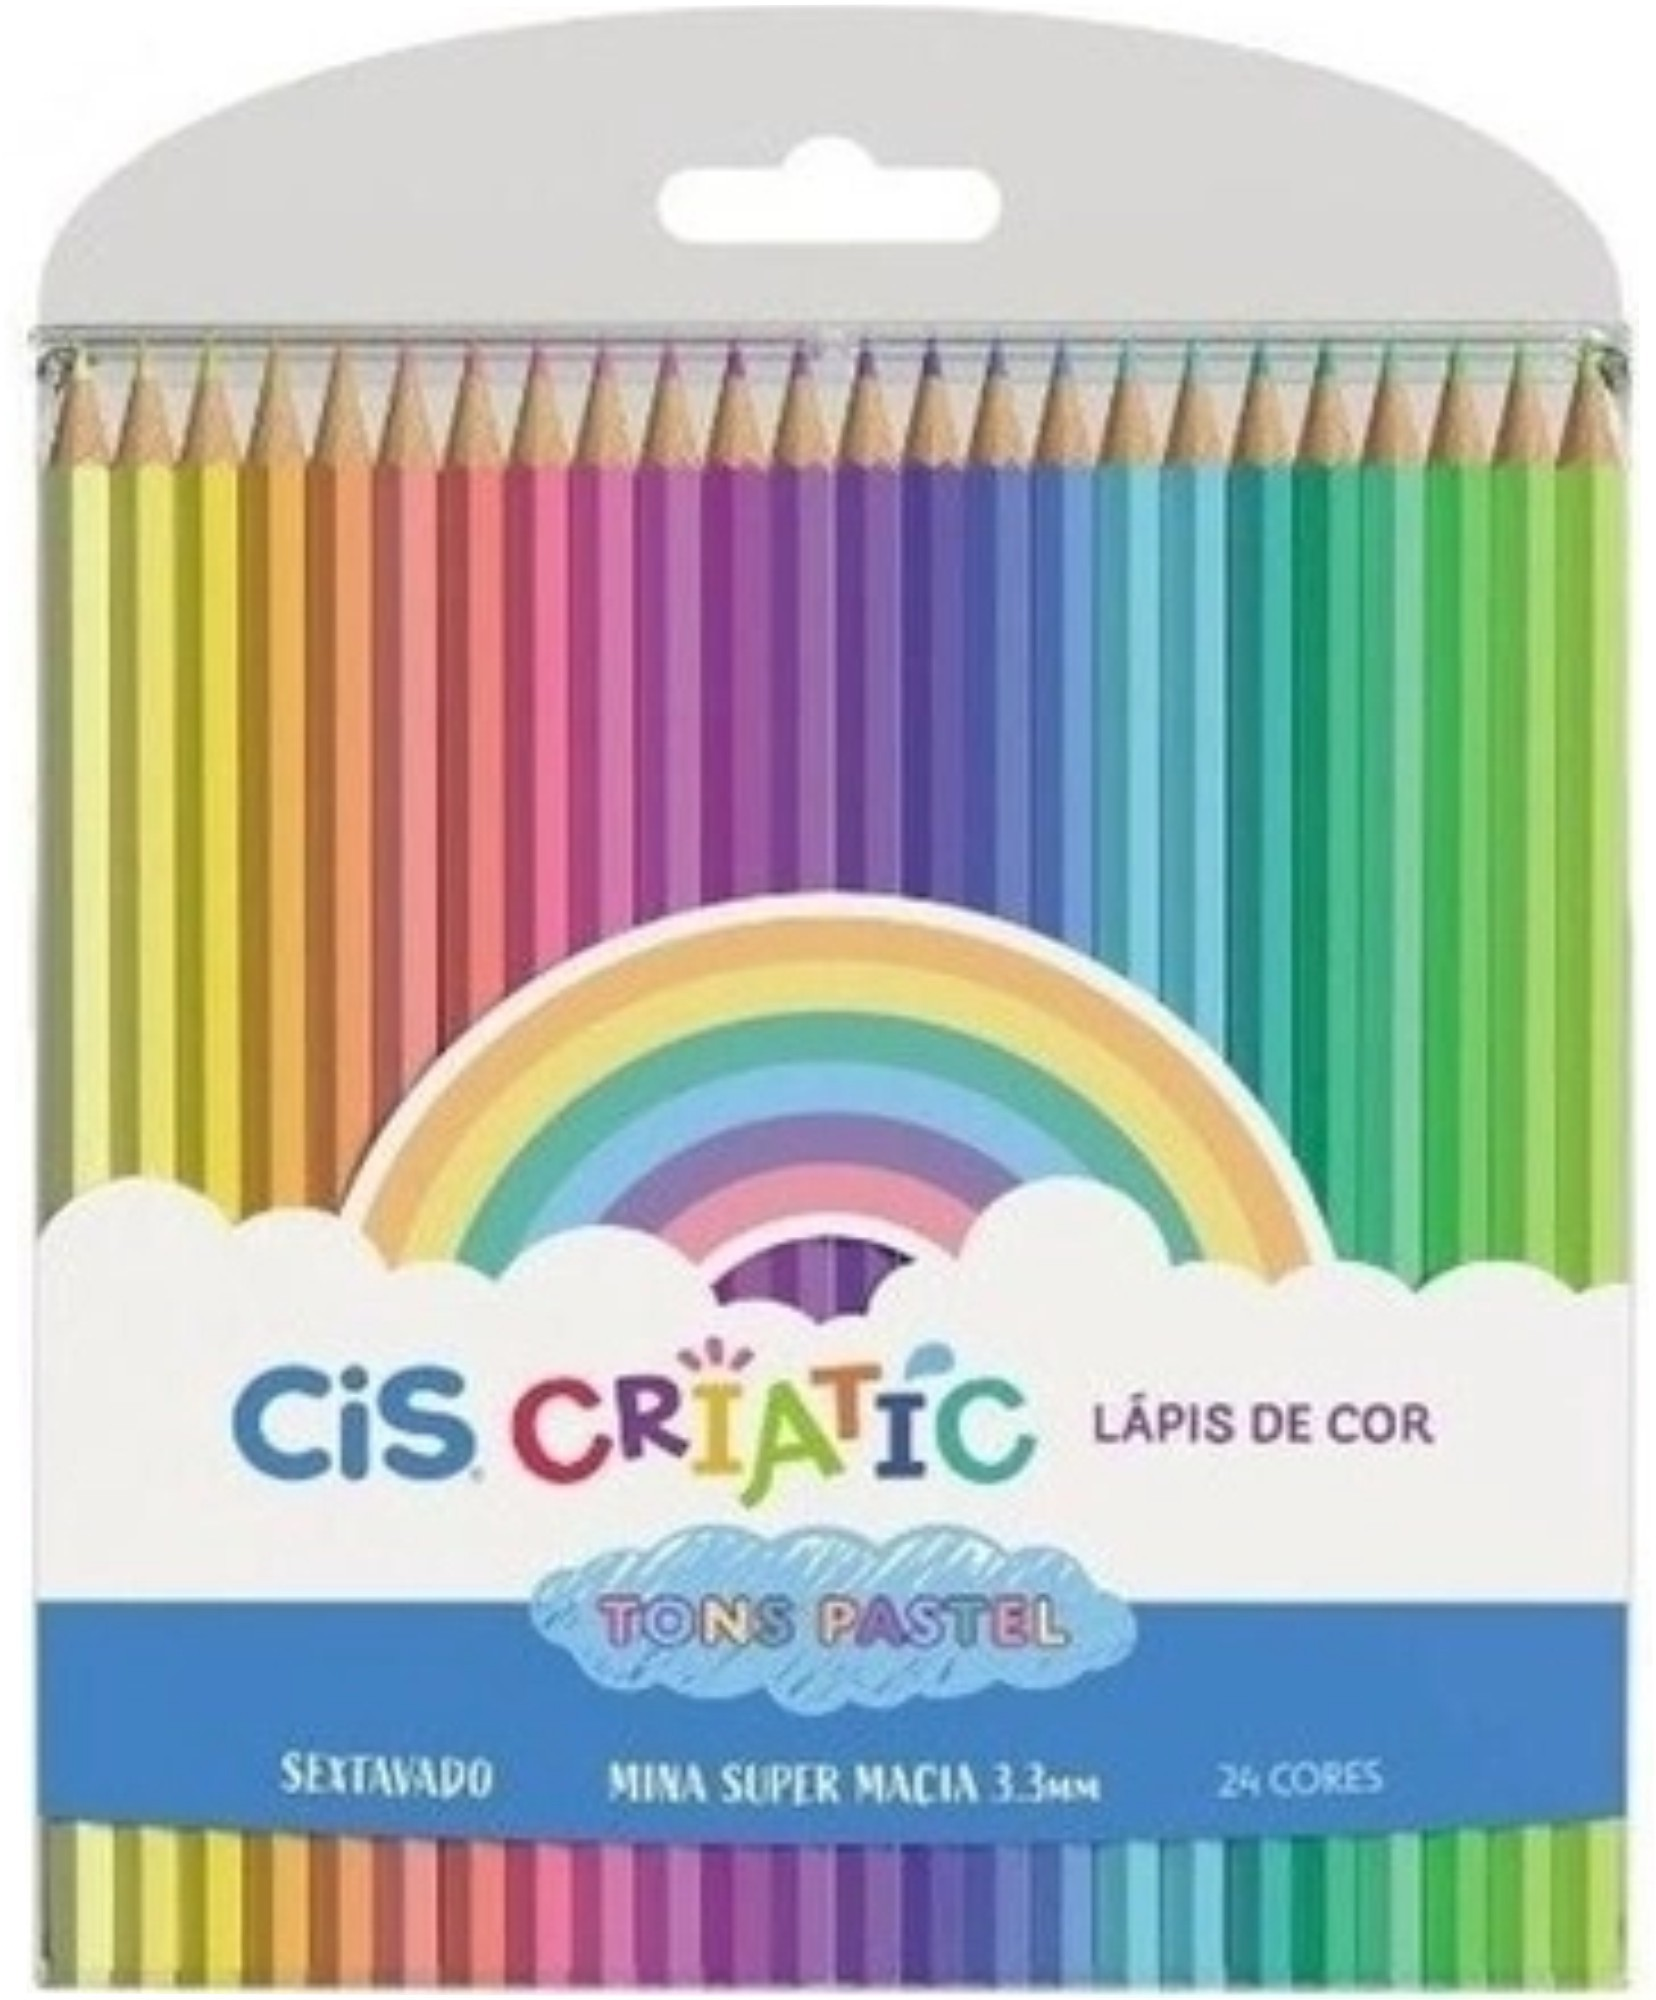 Lápis De Cor Pastel Criatic Cis 24 Cores